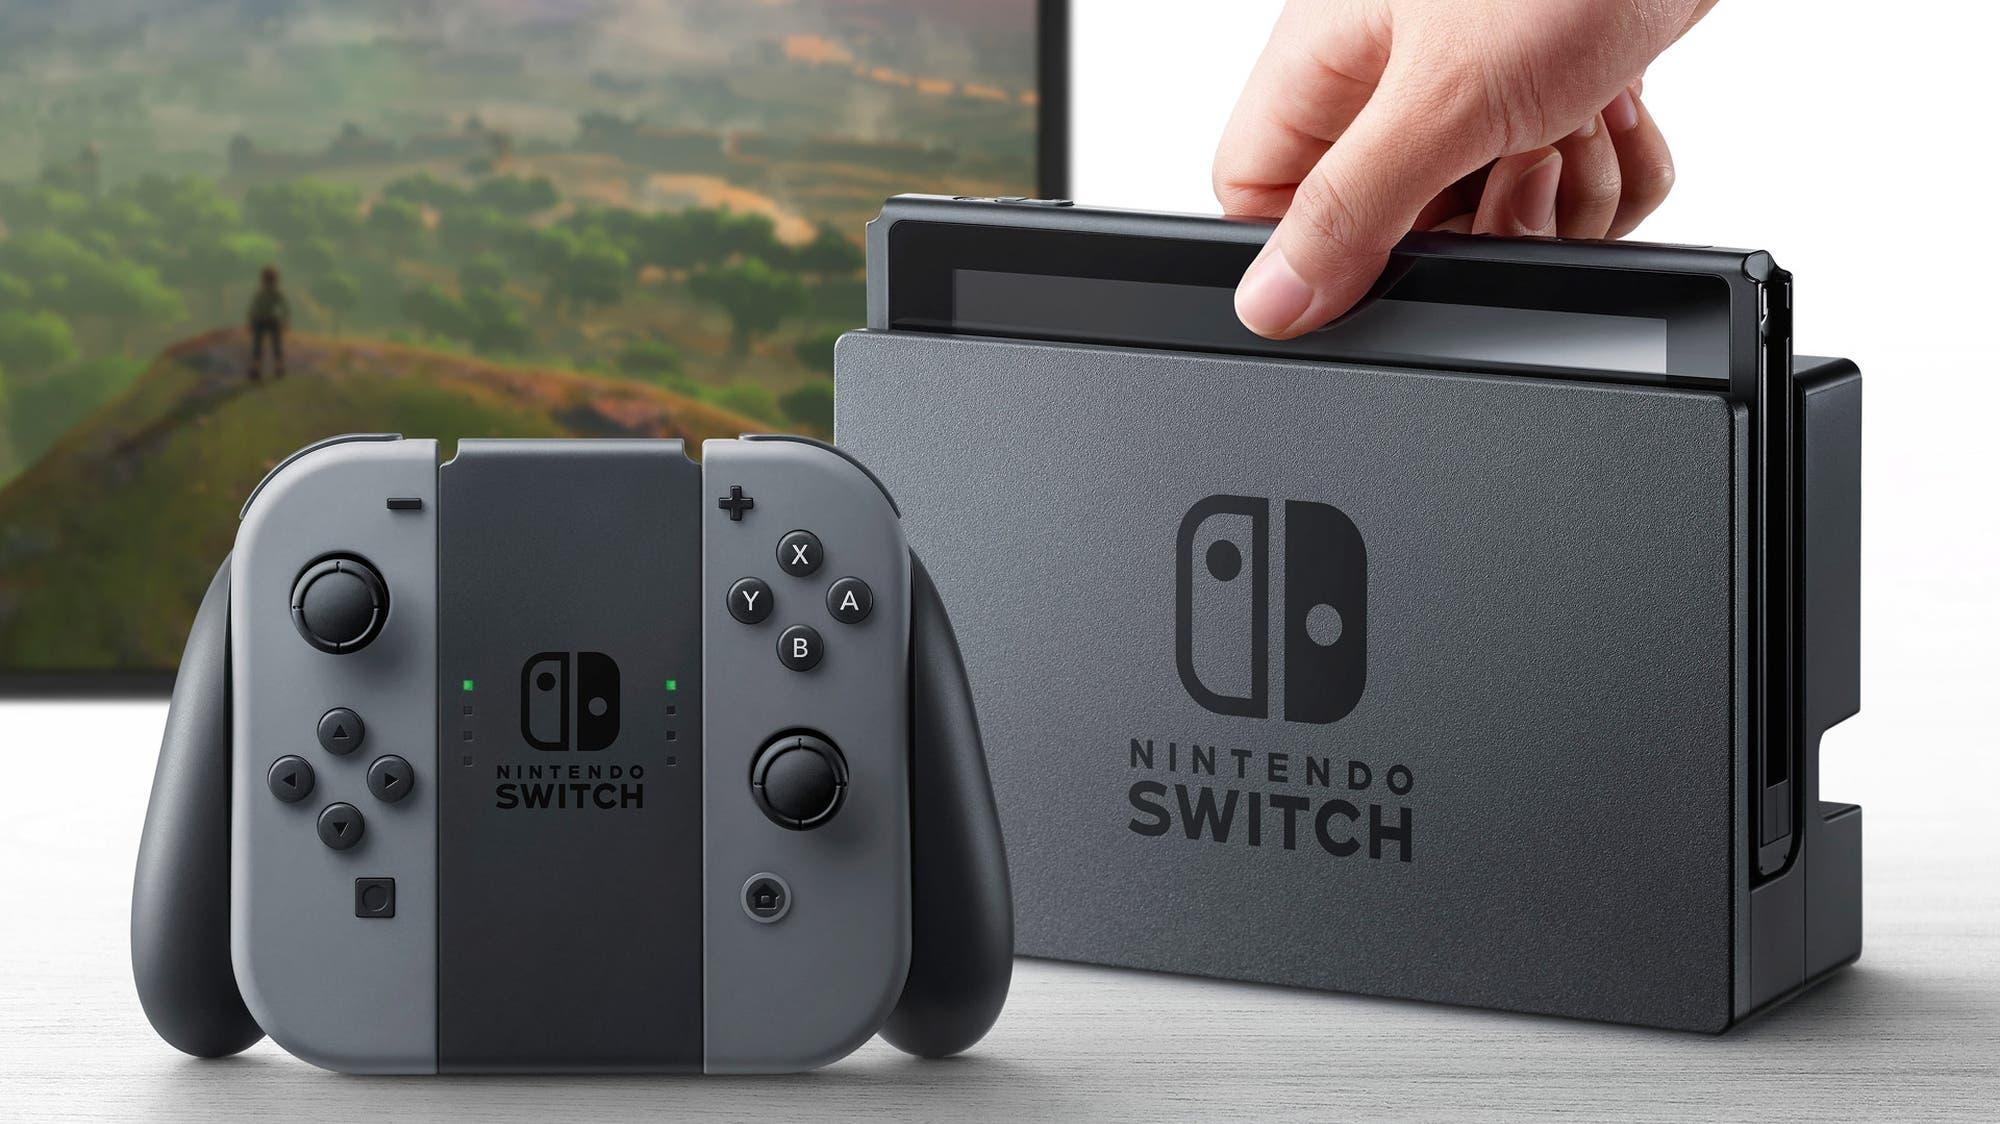 Se conocen más detalles sobre Switch, la nueva consola de Nintendo